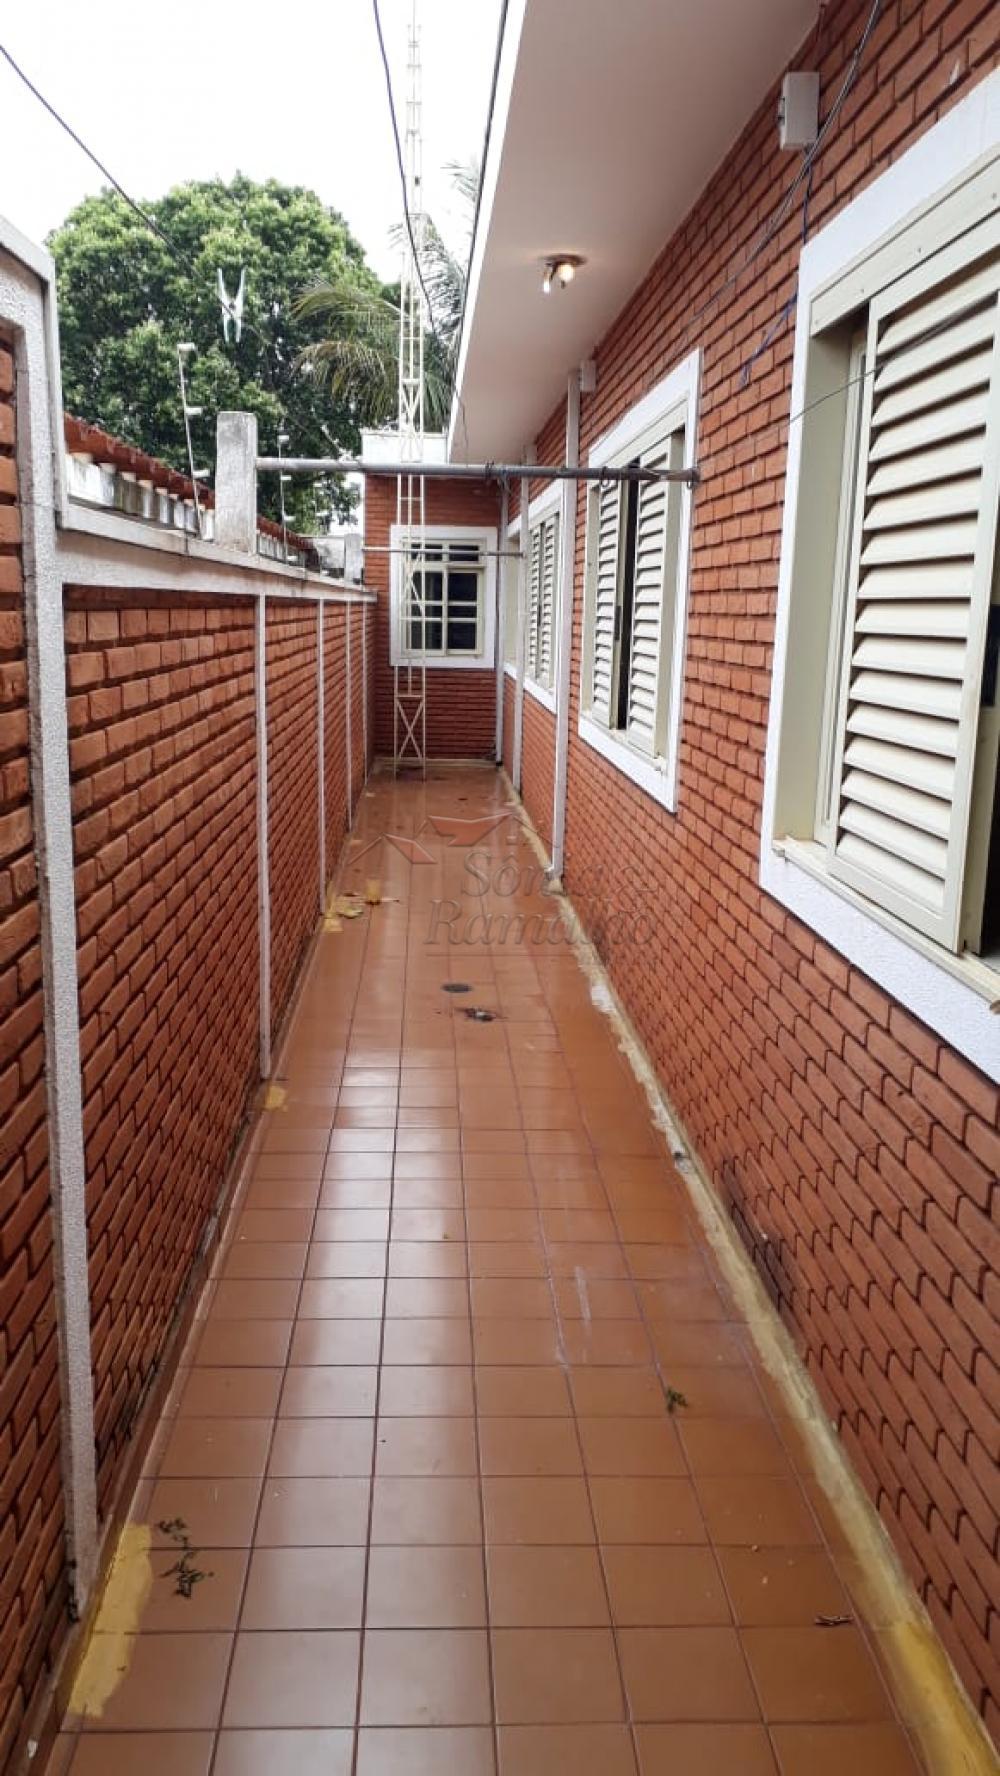 Alugar Casas / Padrão em Ribeirão Preto apenas R$ 2.600,00 - Foto 54